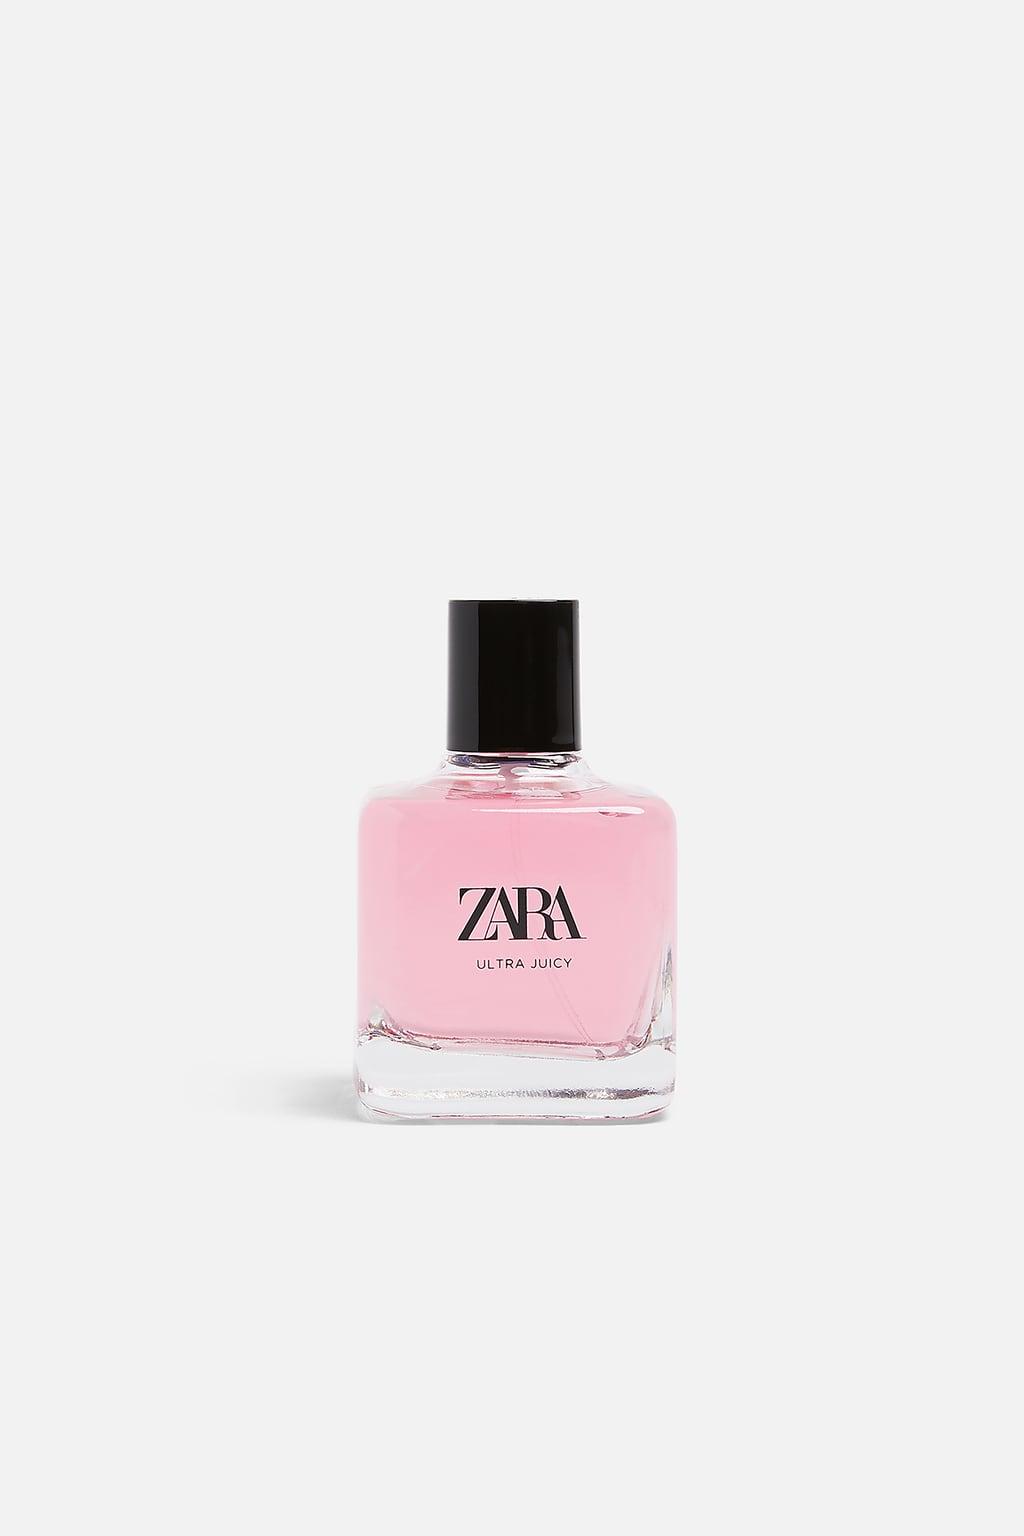 Juicy Nouveau Zara Pour Un Femme Ultra 2019 Parfum wPn0kOX8